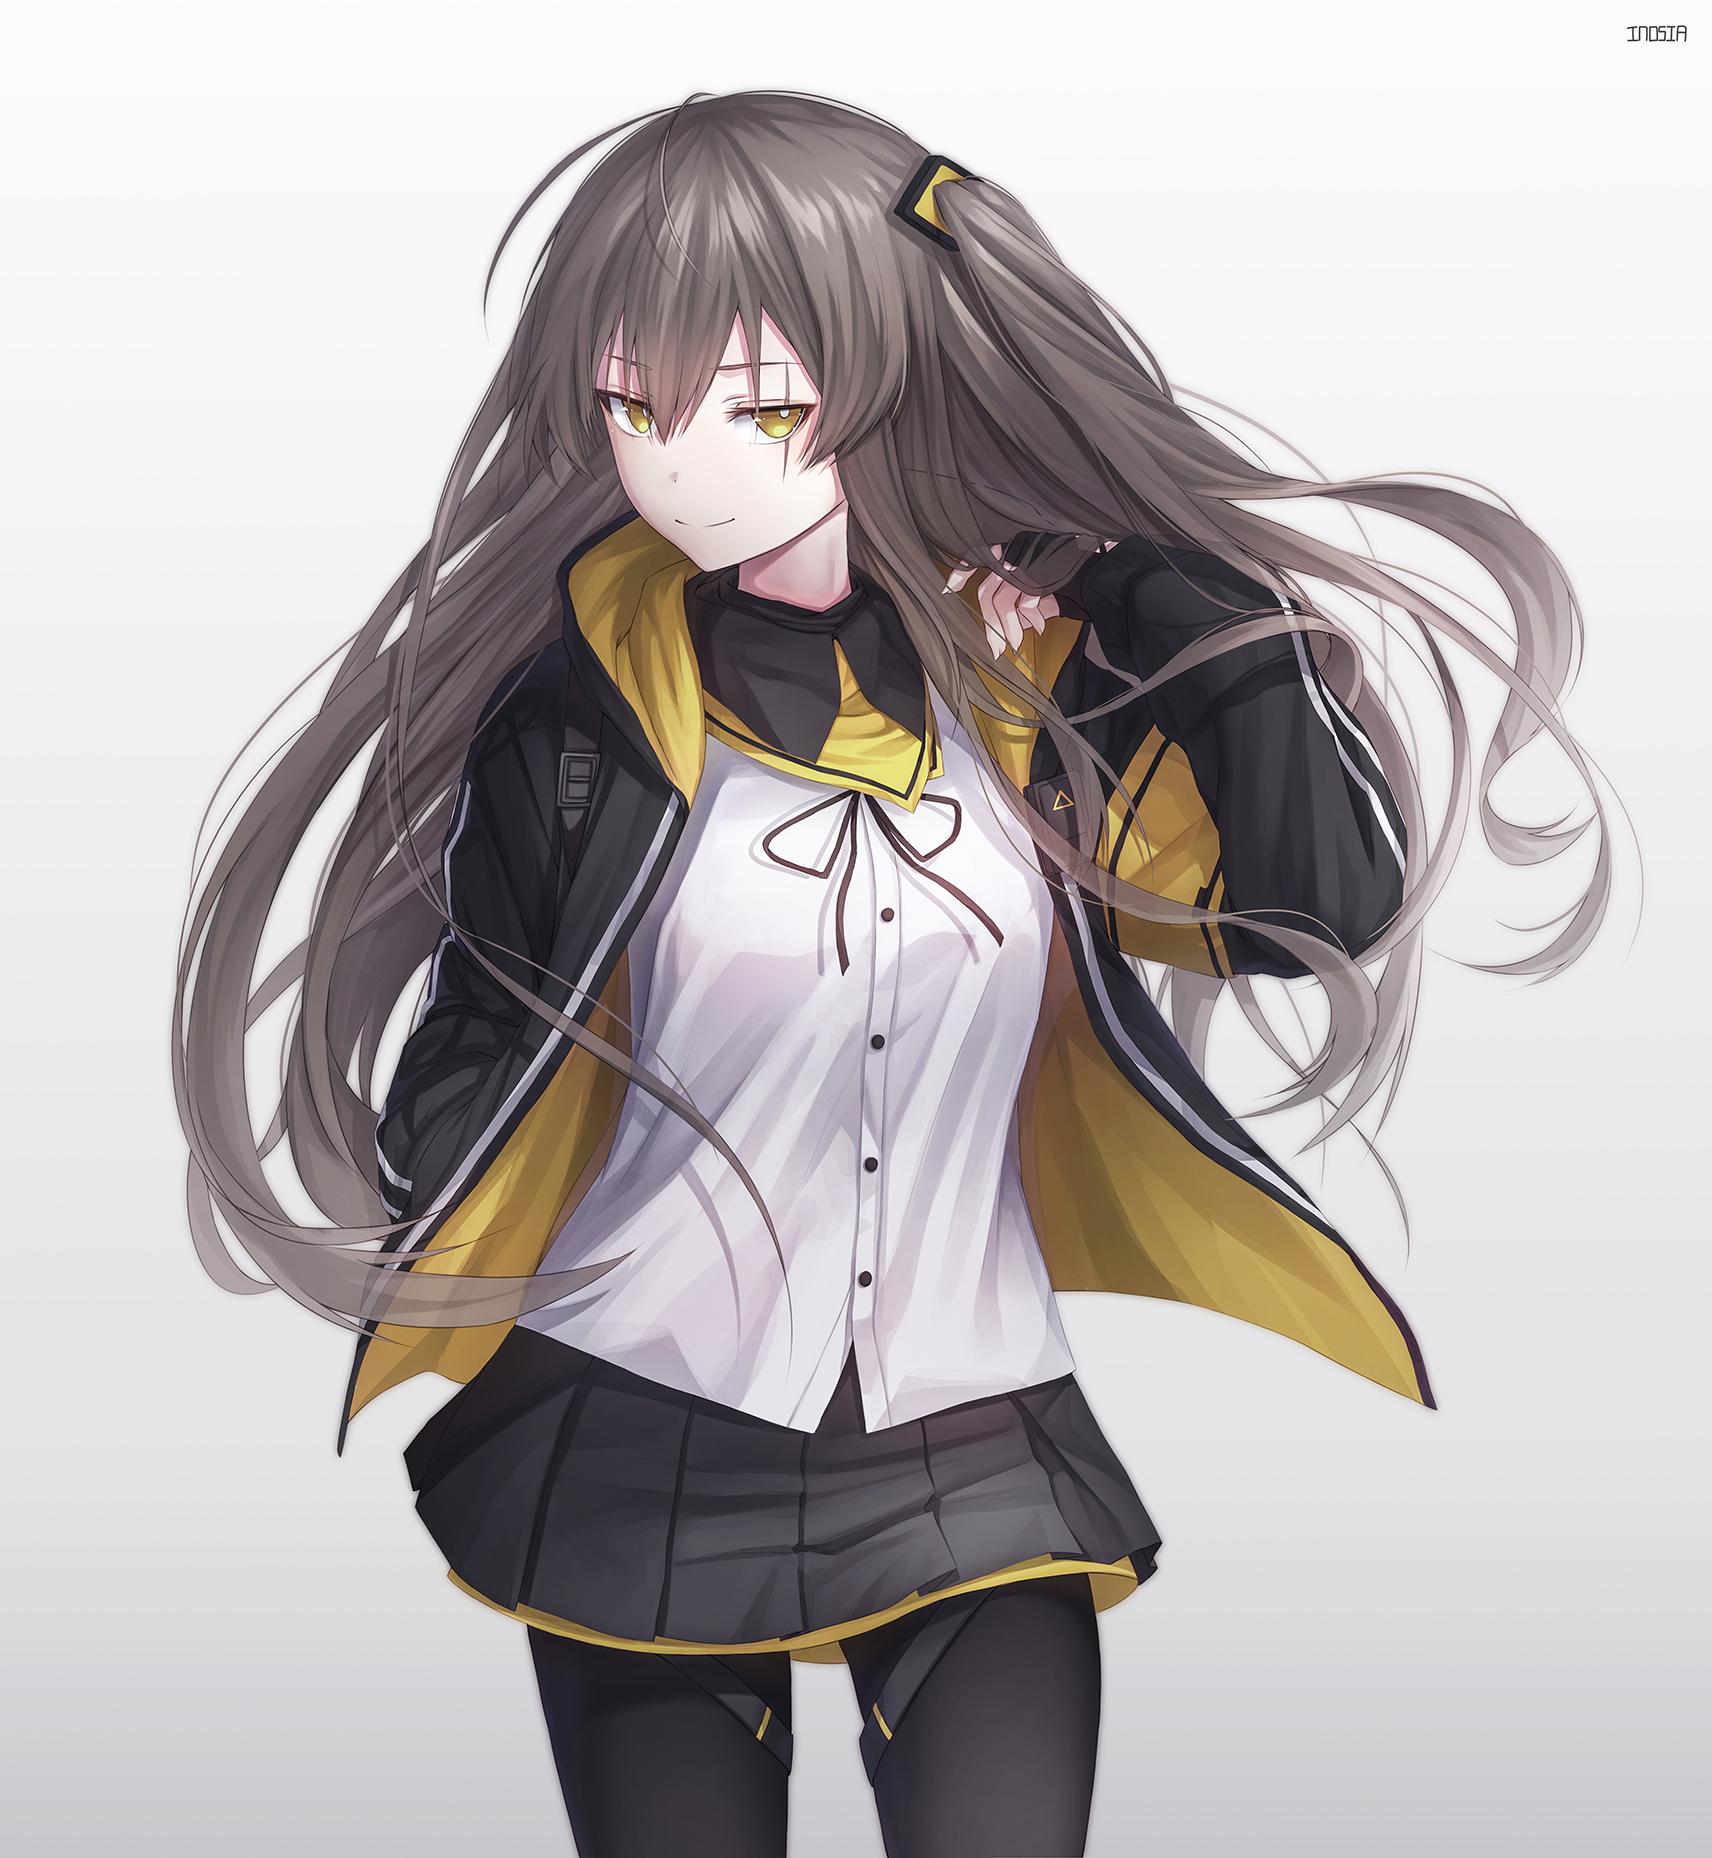 Ump45 Girls Frontline Image 2404187 Zerochan Anime Image Board